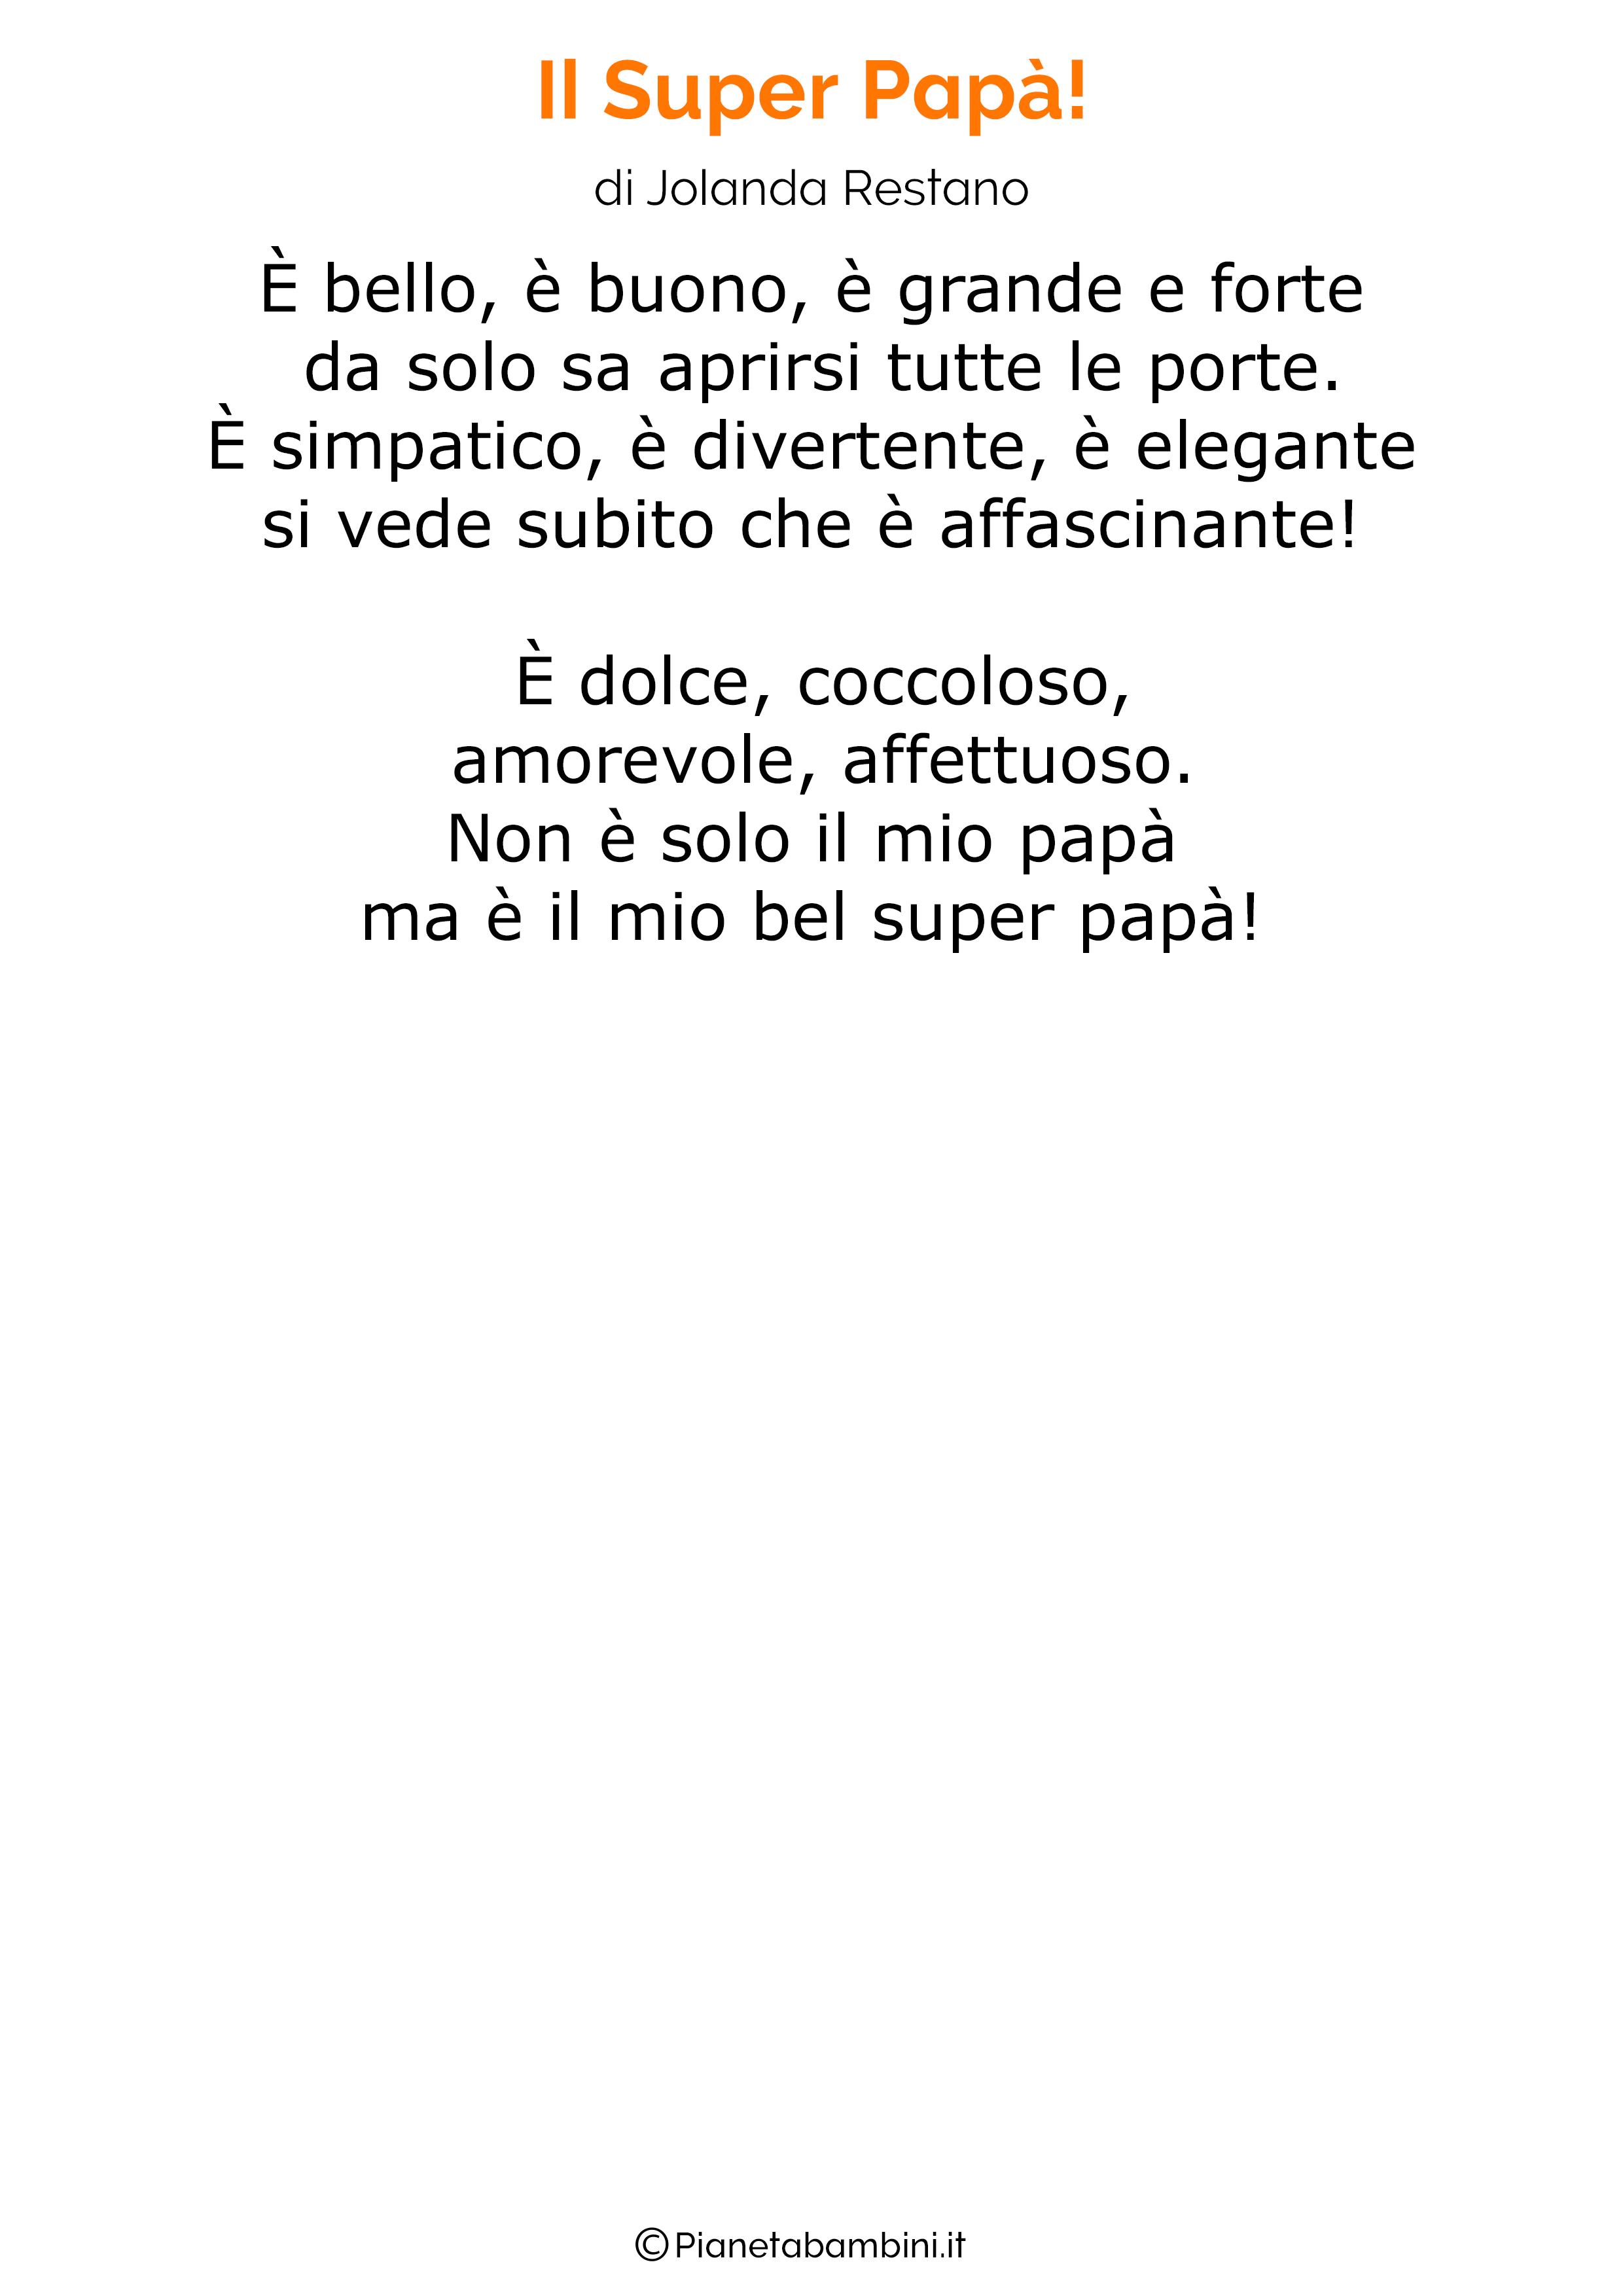 Poesia per la festa del papa per bambini 14